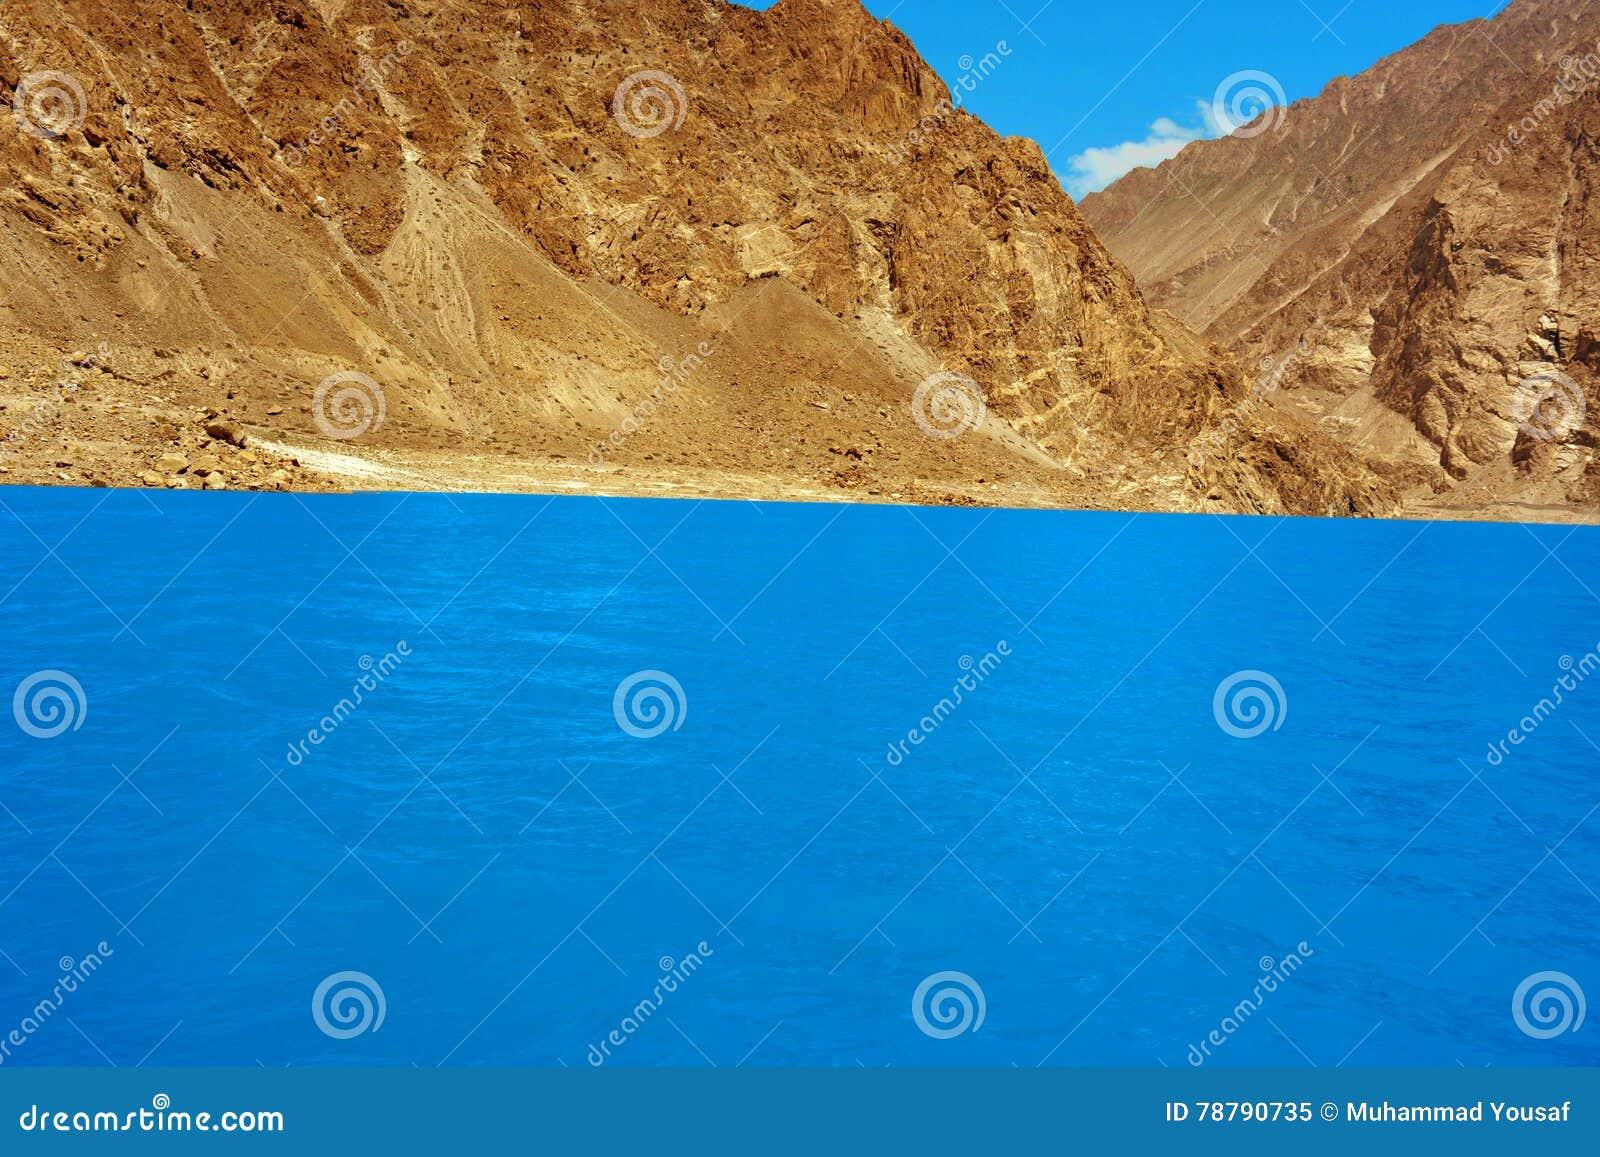 Wymarzona moment sceneria wysoka góra z jeziorem i błękitne wody